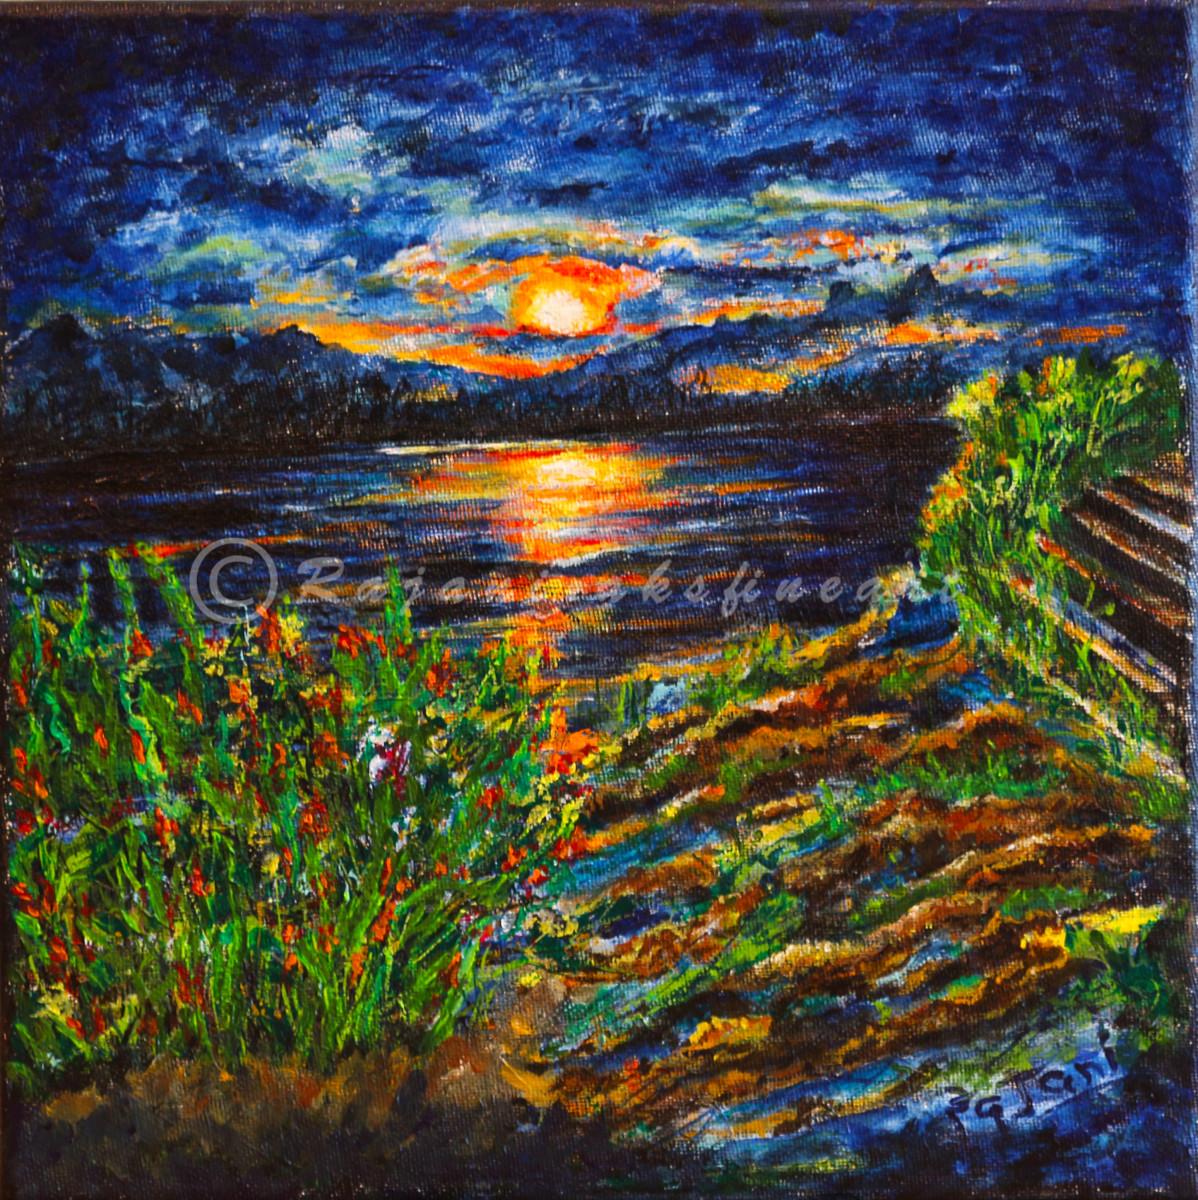 Sunset by Sea by Rajani Ambade